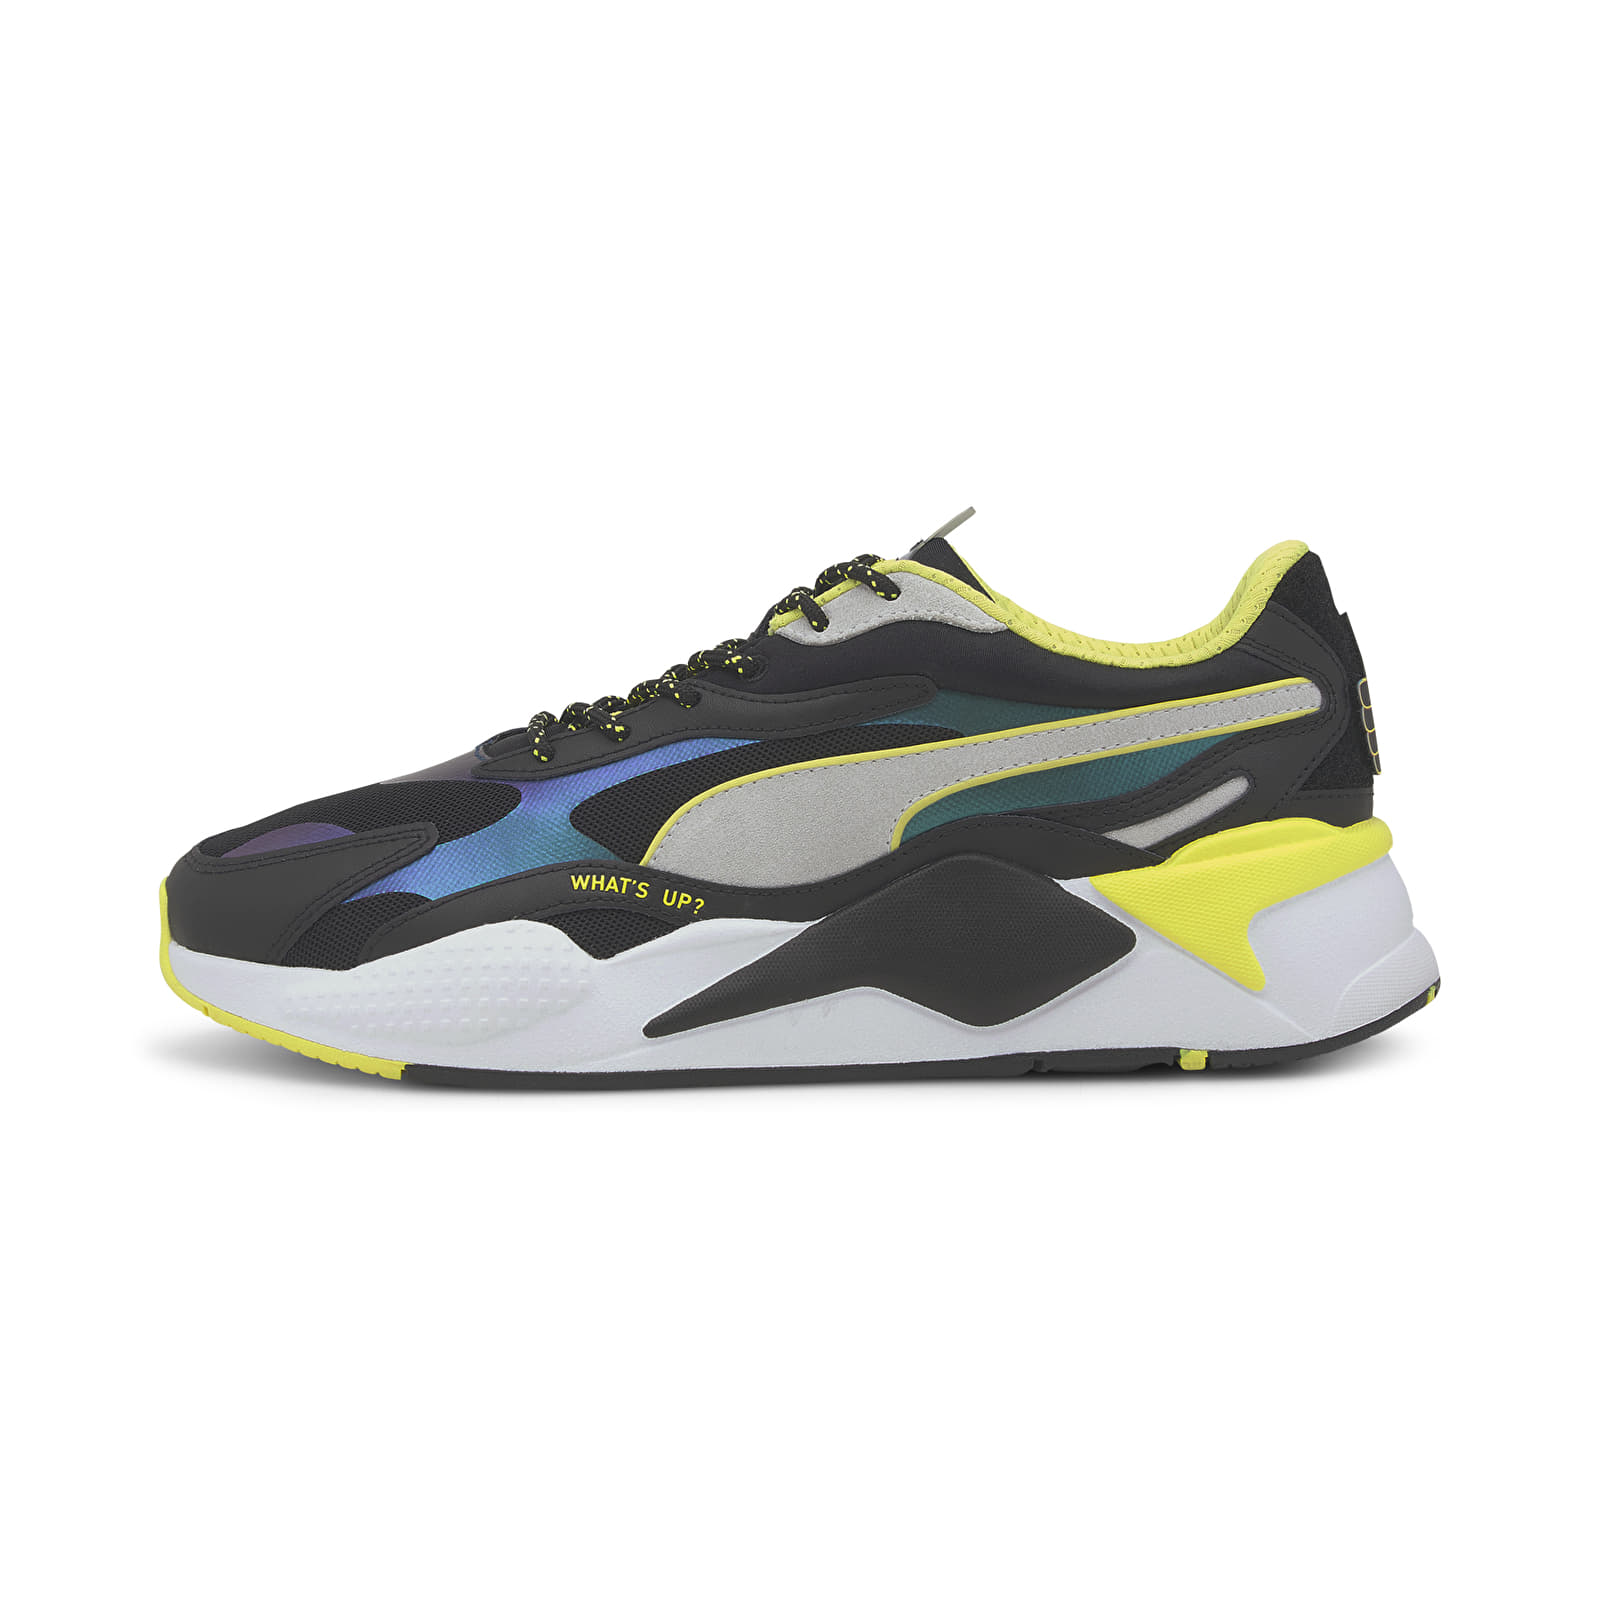 Încălțăminte și sneakerși pentru bărbați Puma RS-X3 x Emoji Puma Black-Puma White